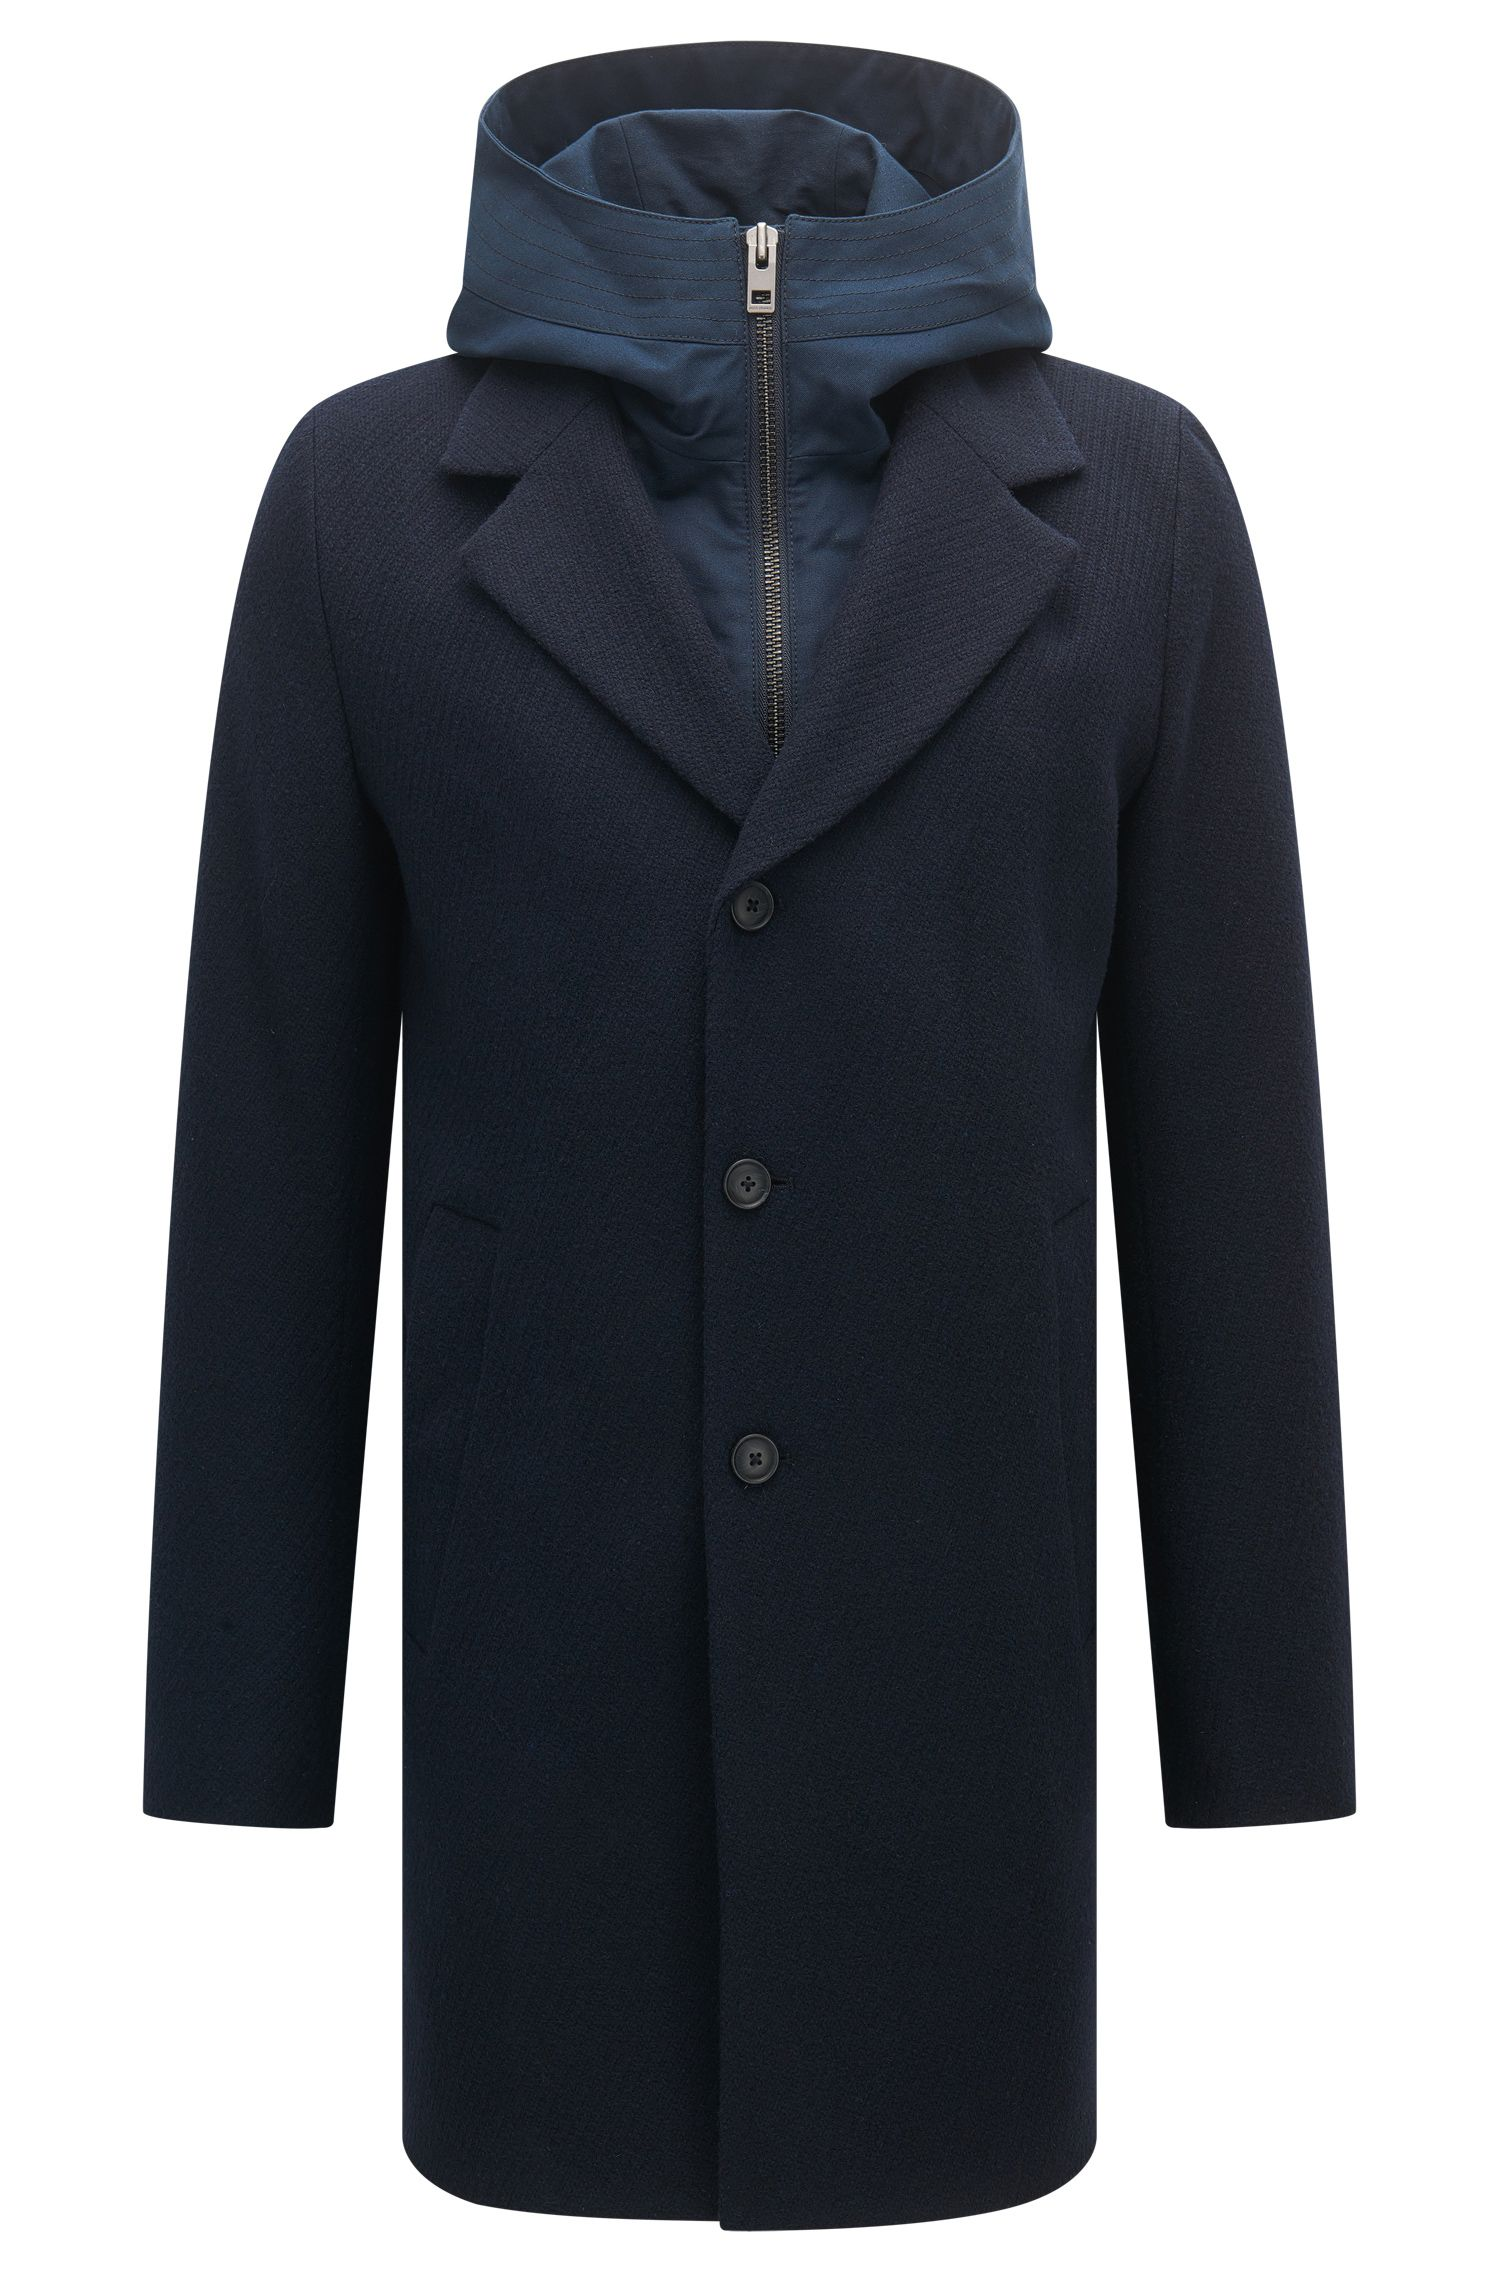 Slim-Fit Mantel aus strukturiertem Twill mit Kapuzen-Futter